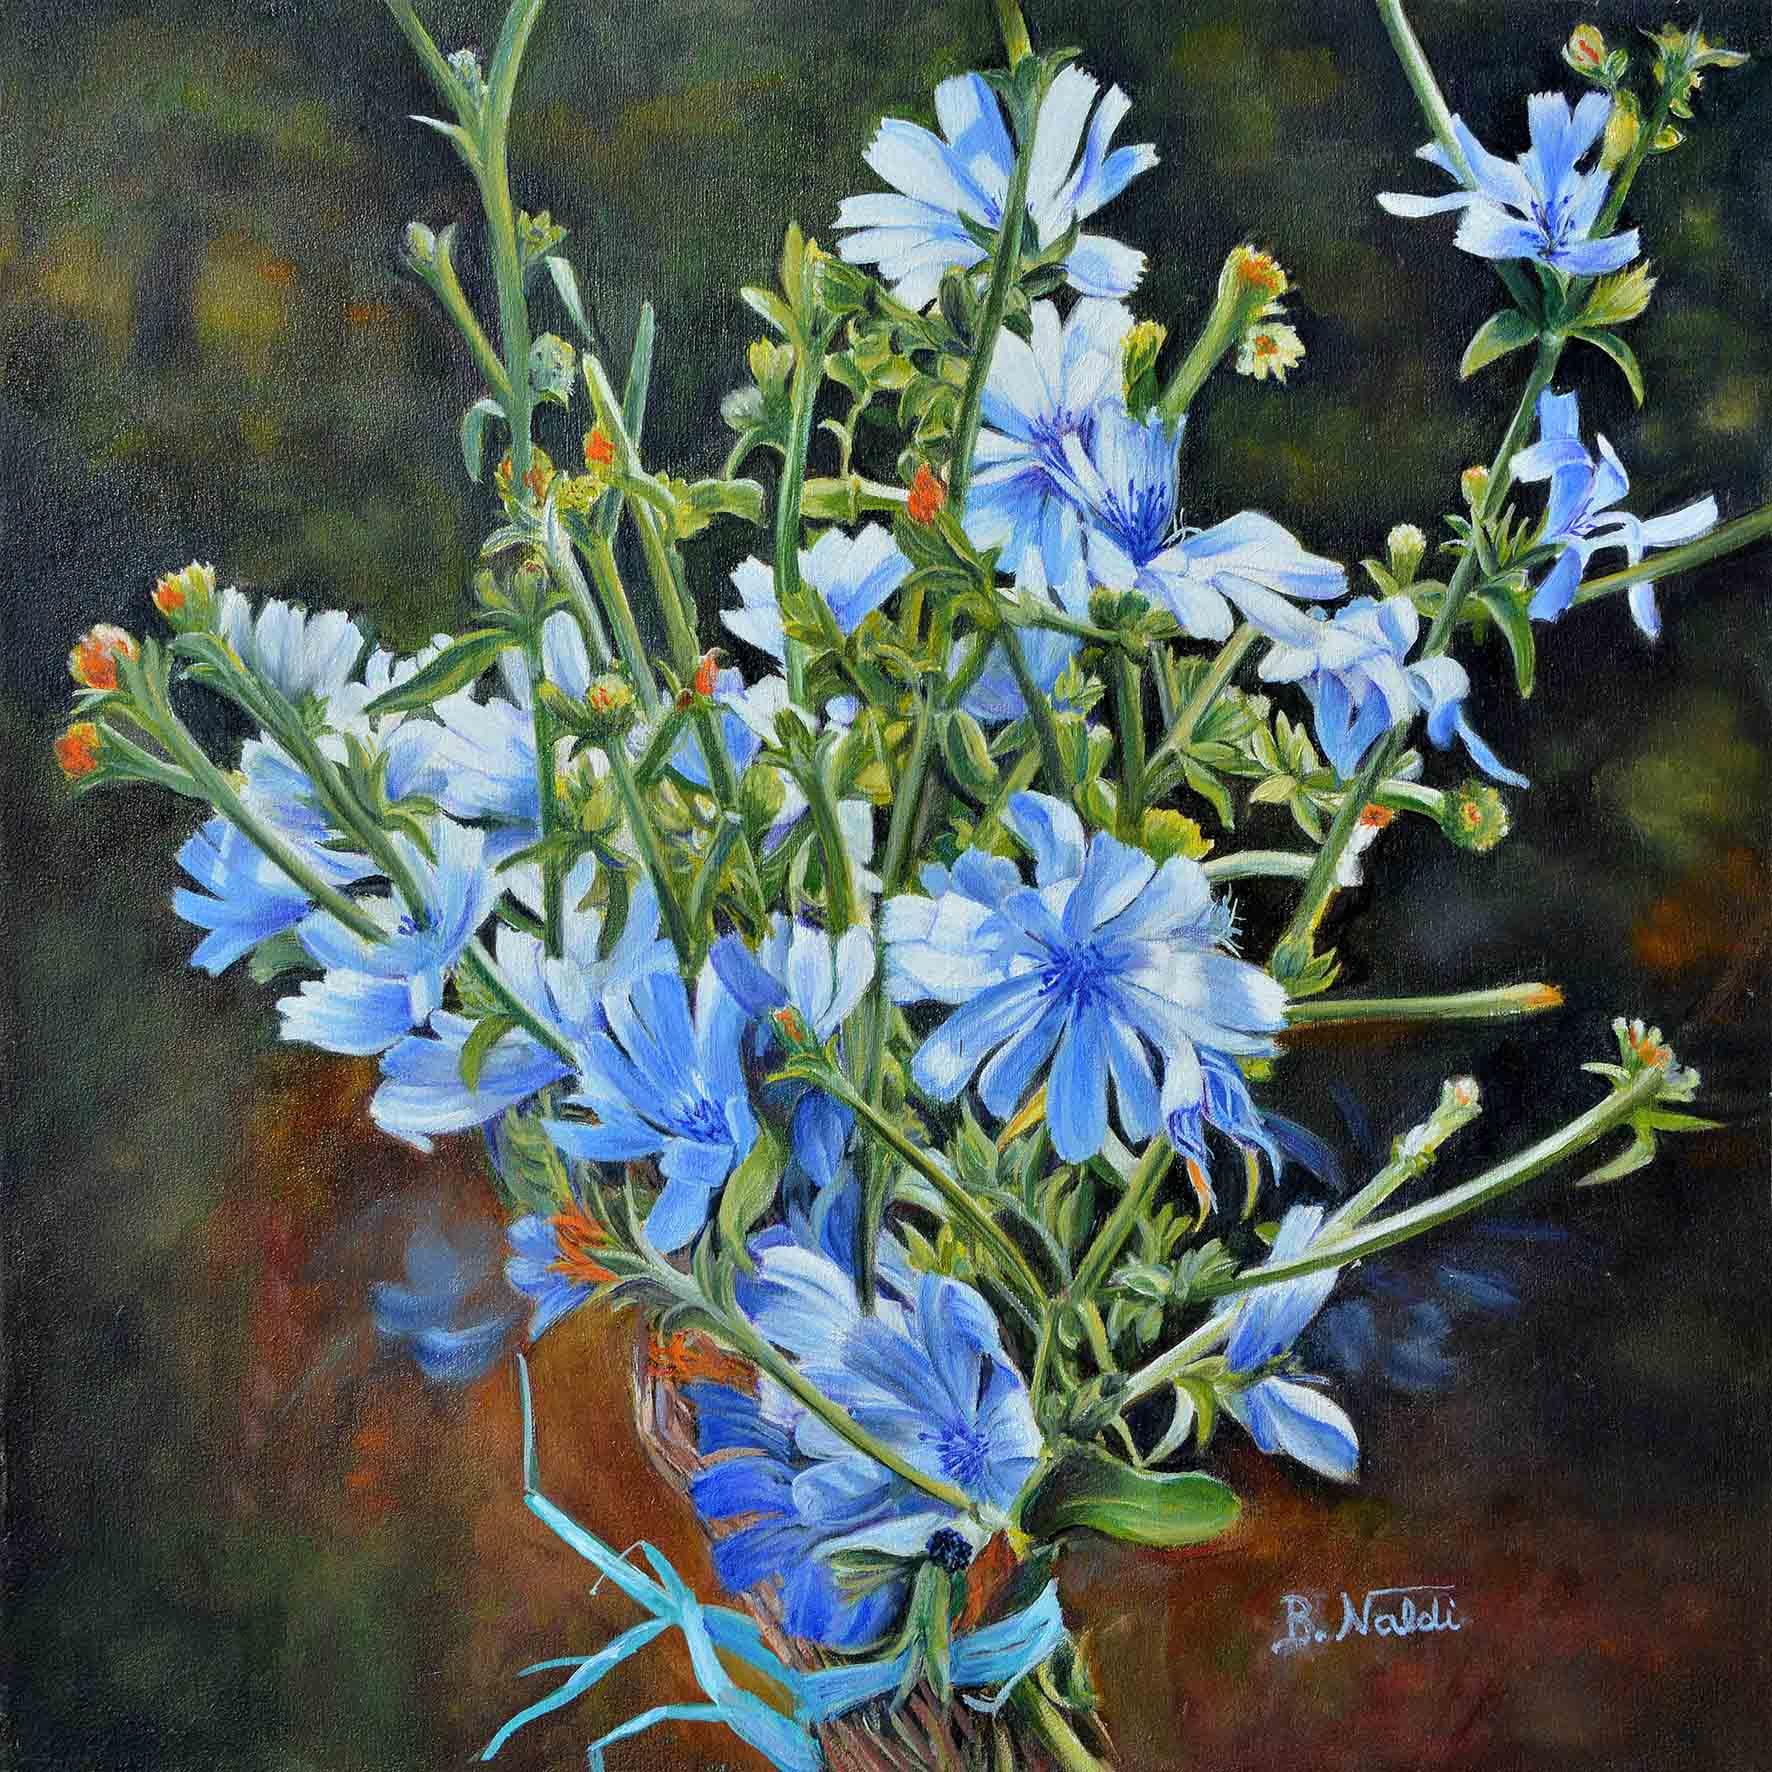 Azzurri (radicchio)